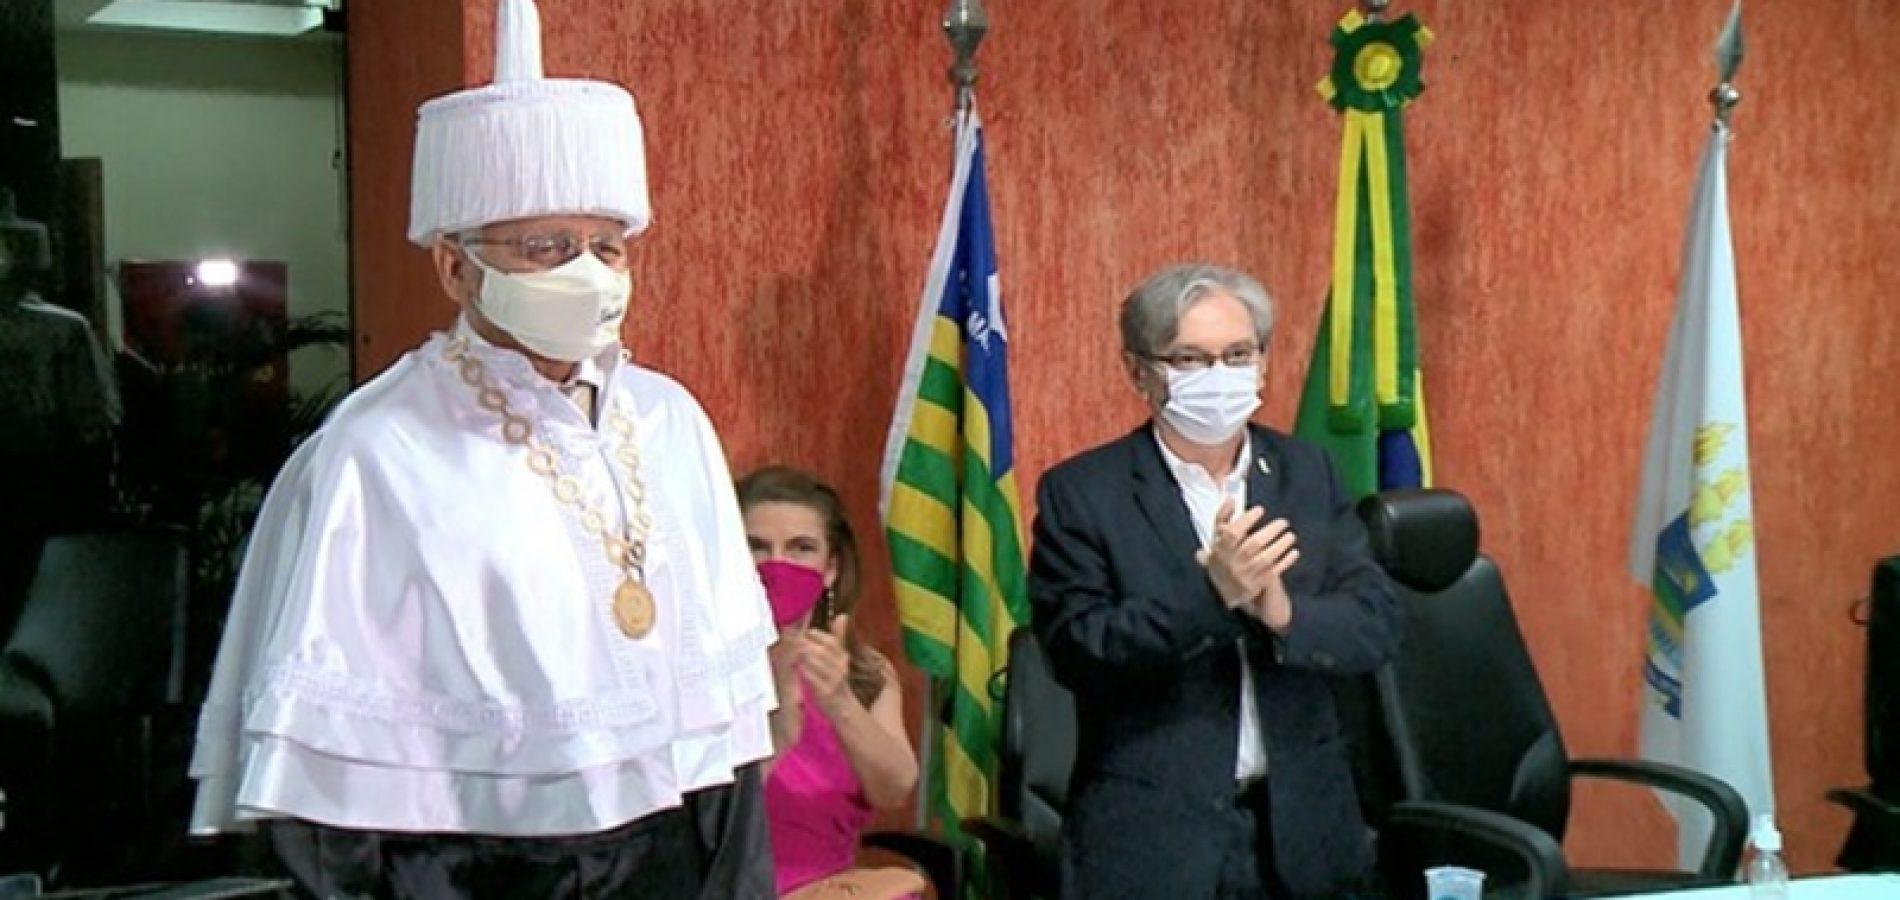 Gildásio Guedes toma posse como reitor da UFPI após ser nomeado por Bolsonaro